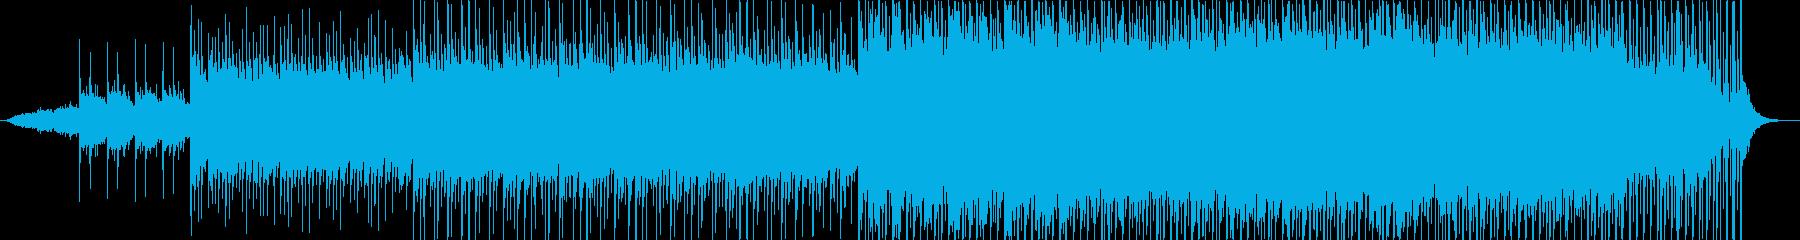 穏やかな朝のイメージのアコギサウンドの再生済みの波形